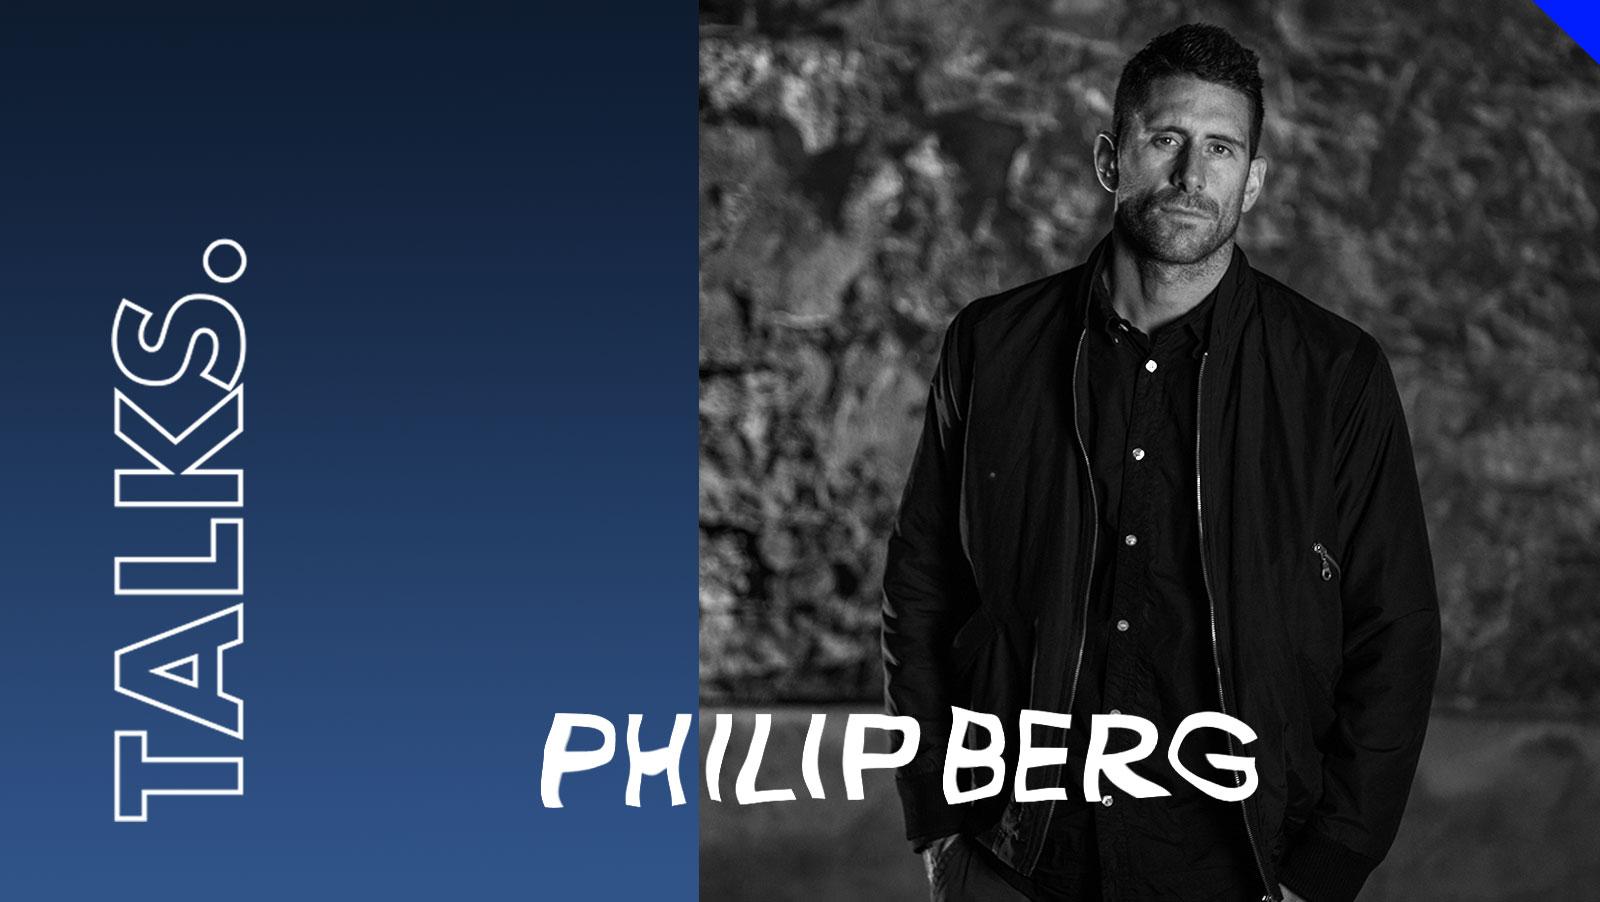 Philip Berg